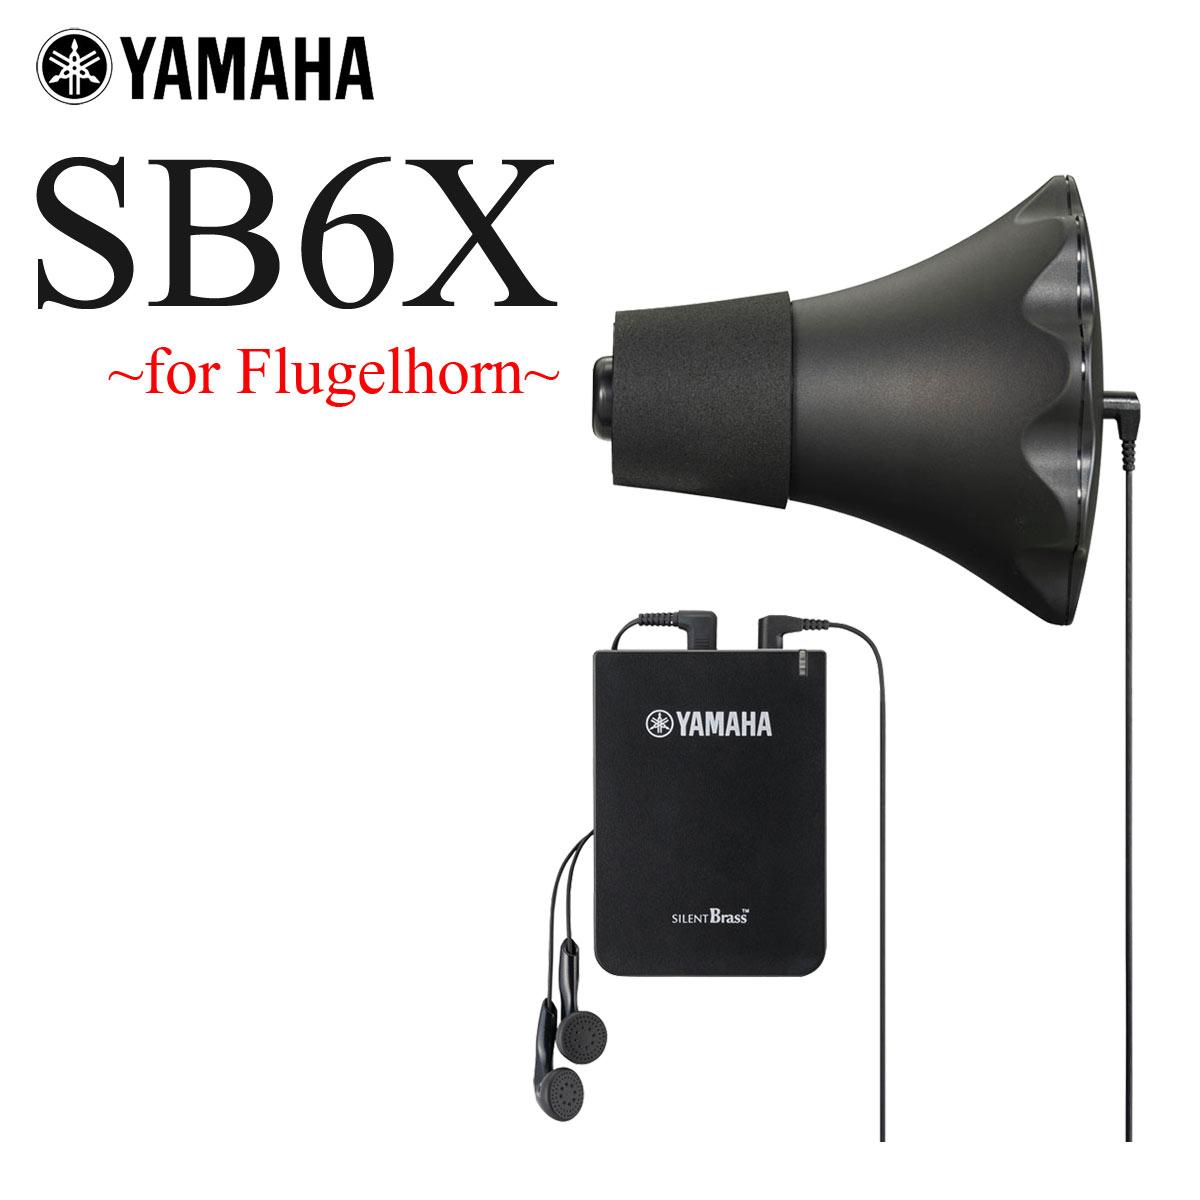 YAMAHA / SB6X ヤマハ サイレントブラス フリューゲルホルン用